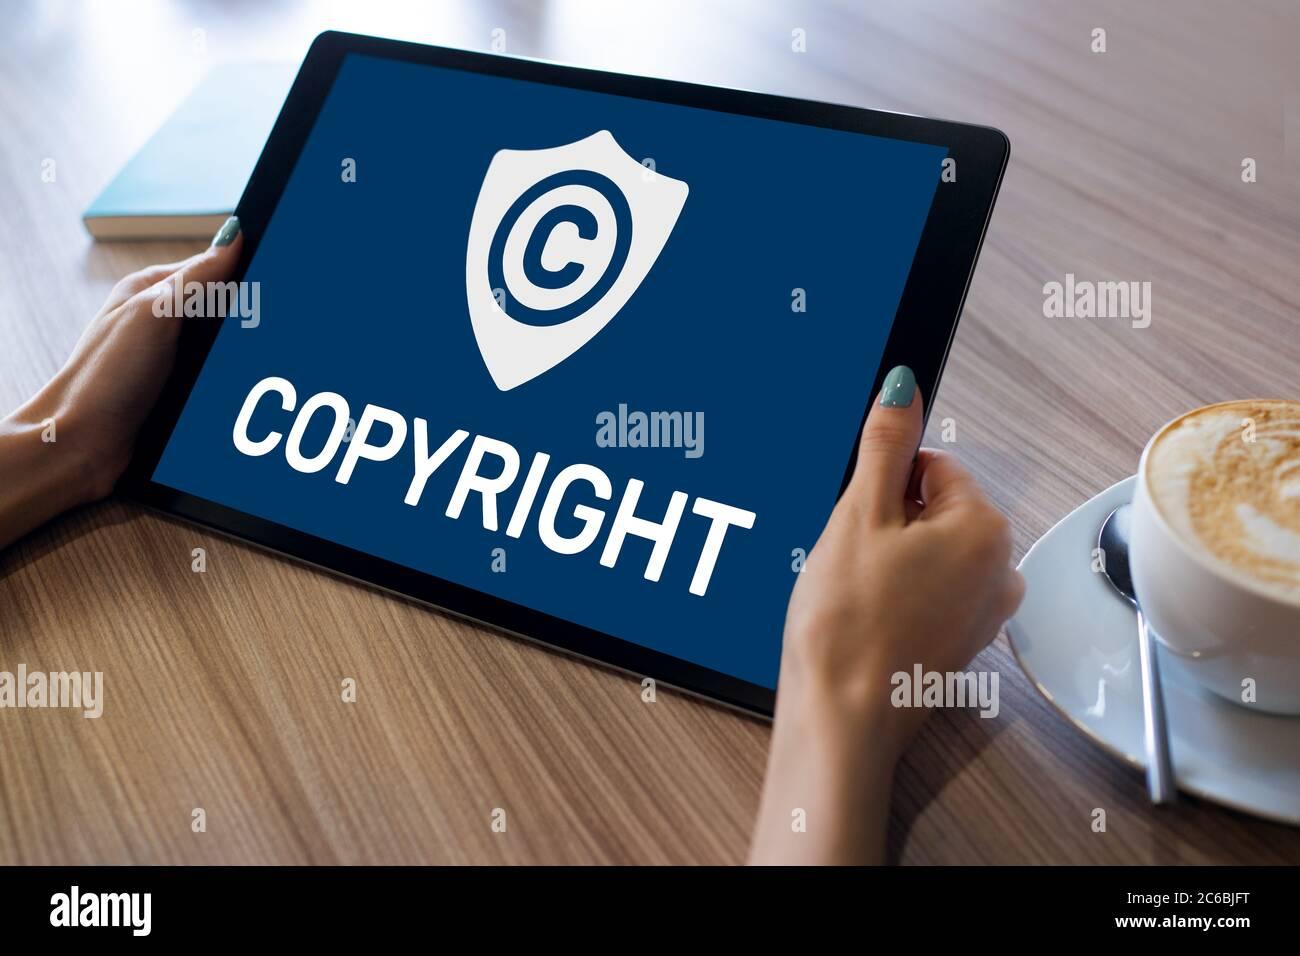 Icono de copyright en la pantalla. Derecho De Patentes Y Propiedad Intelectual. Concepto De Negocio, Internet Y Tecnología Foto de stock